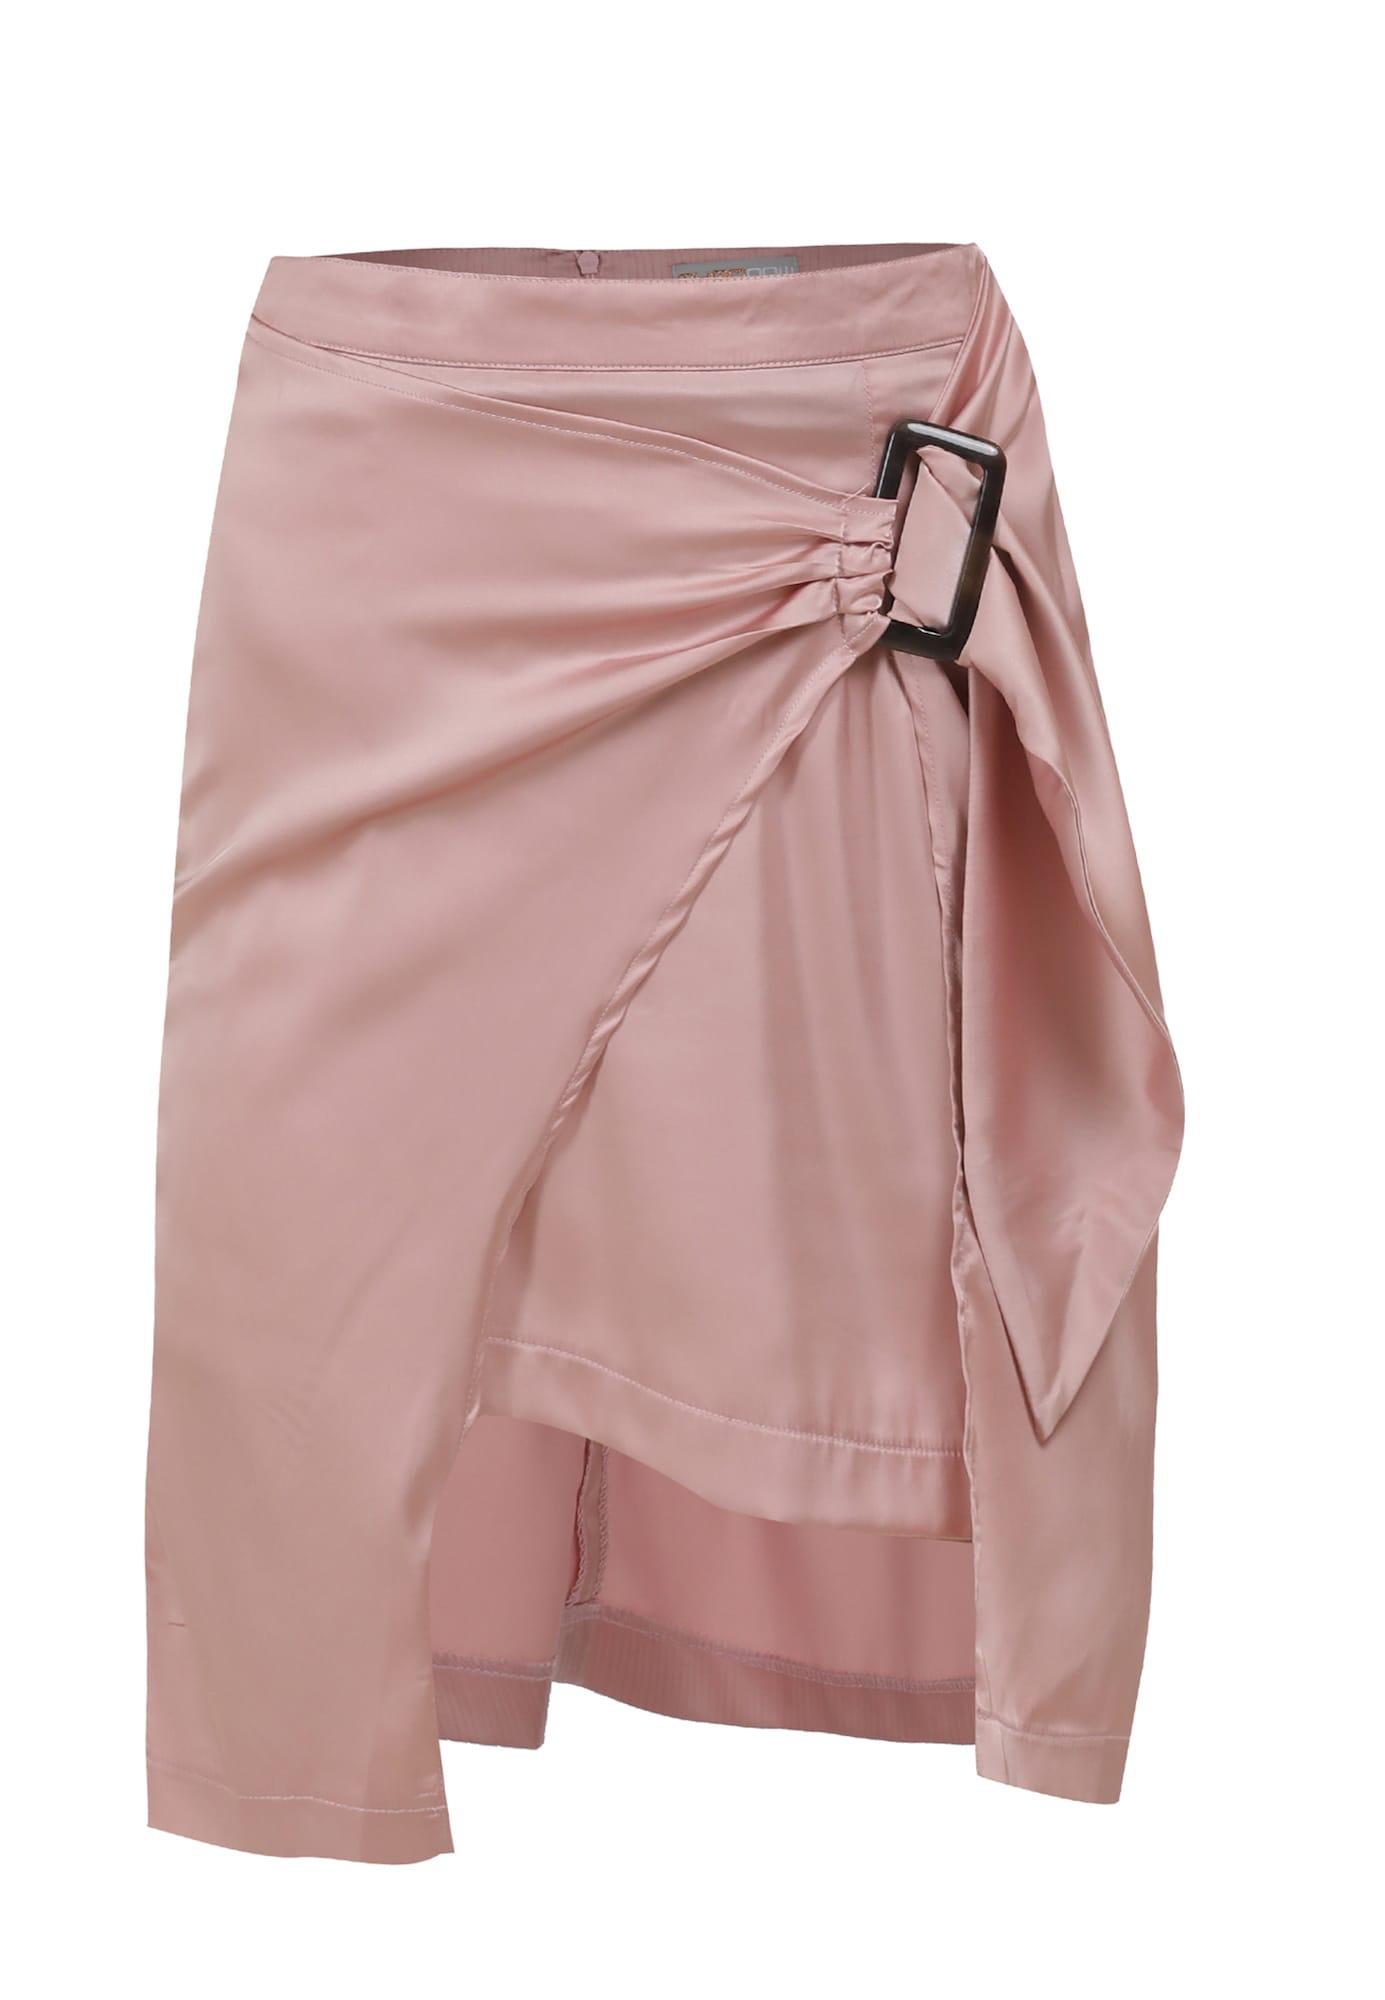 myMo NOW Sijonas ryškiai rožinė spalva